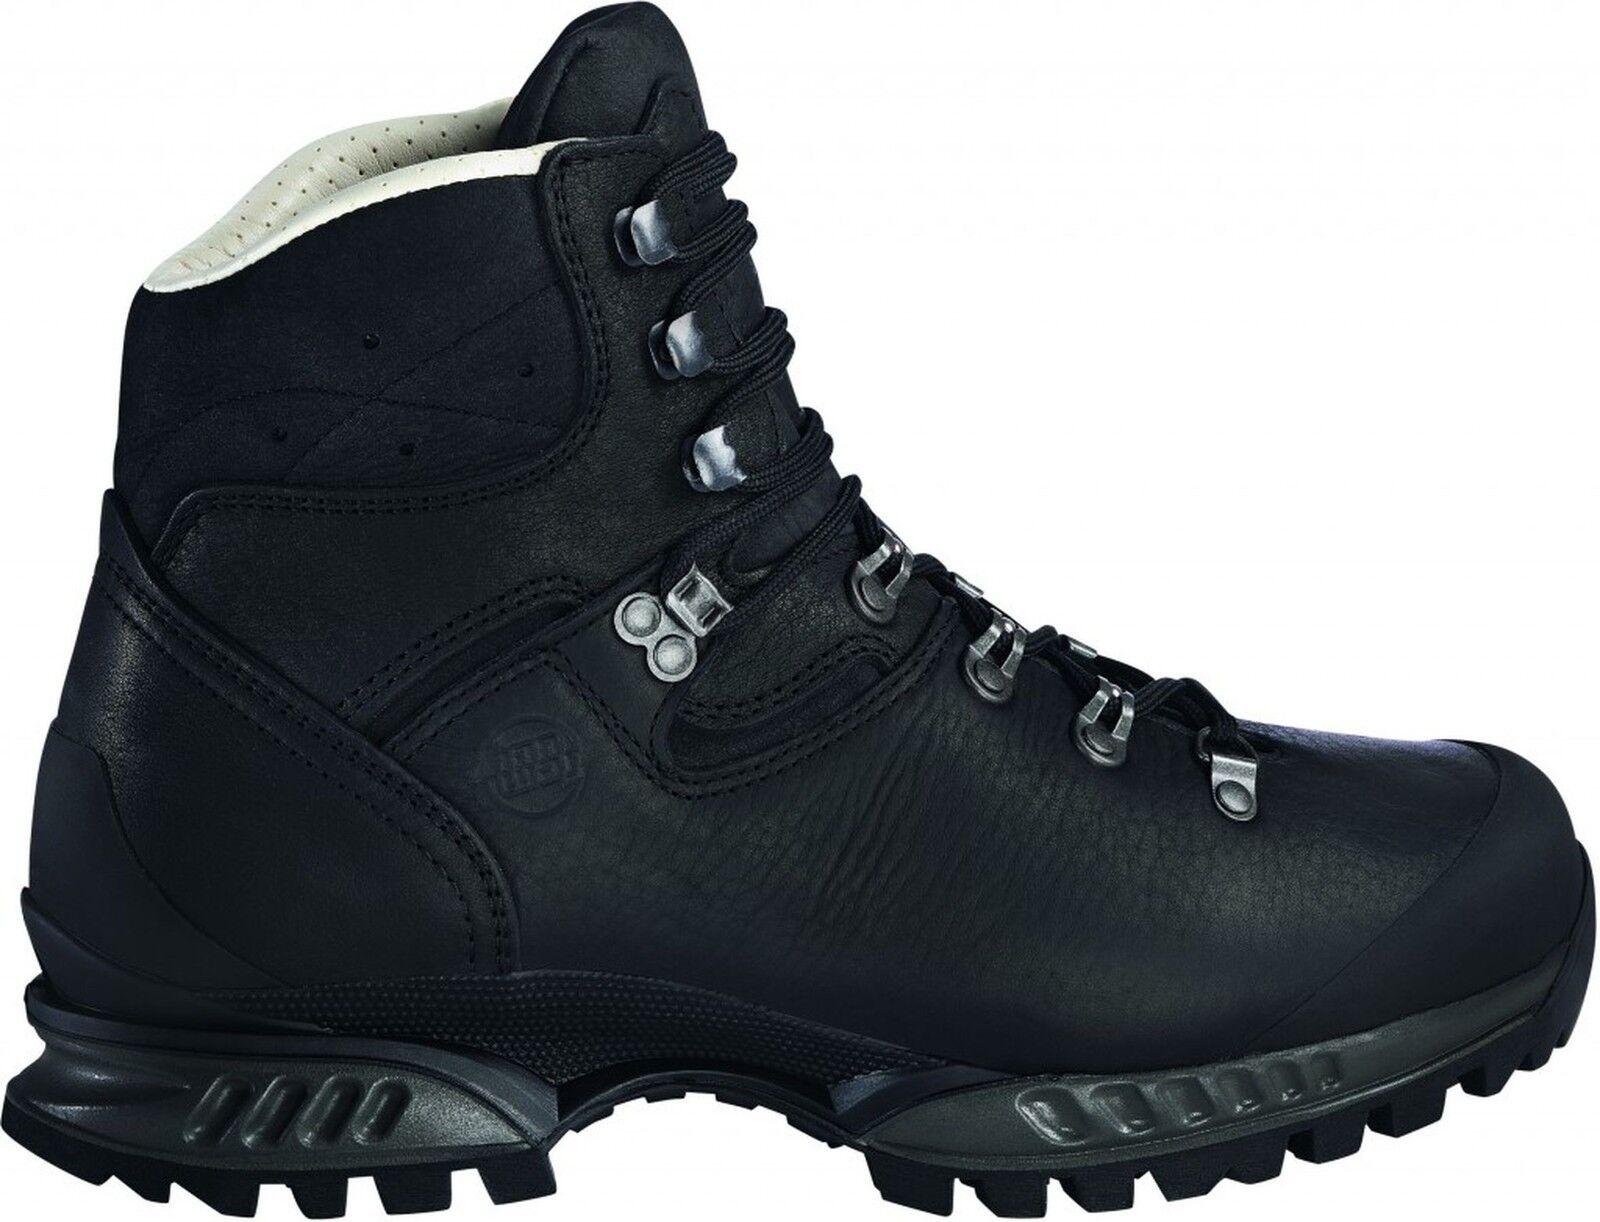 HANWAG Trekking Yak Schuhe Lhasa Größe 8 (42) schwarz